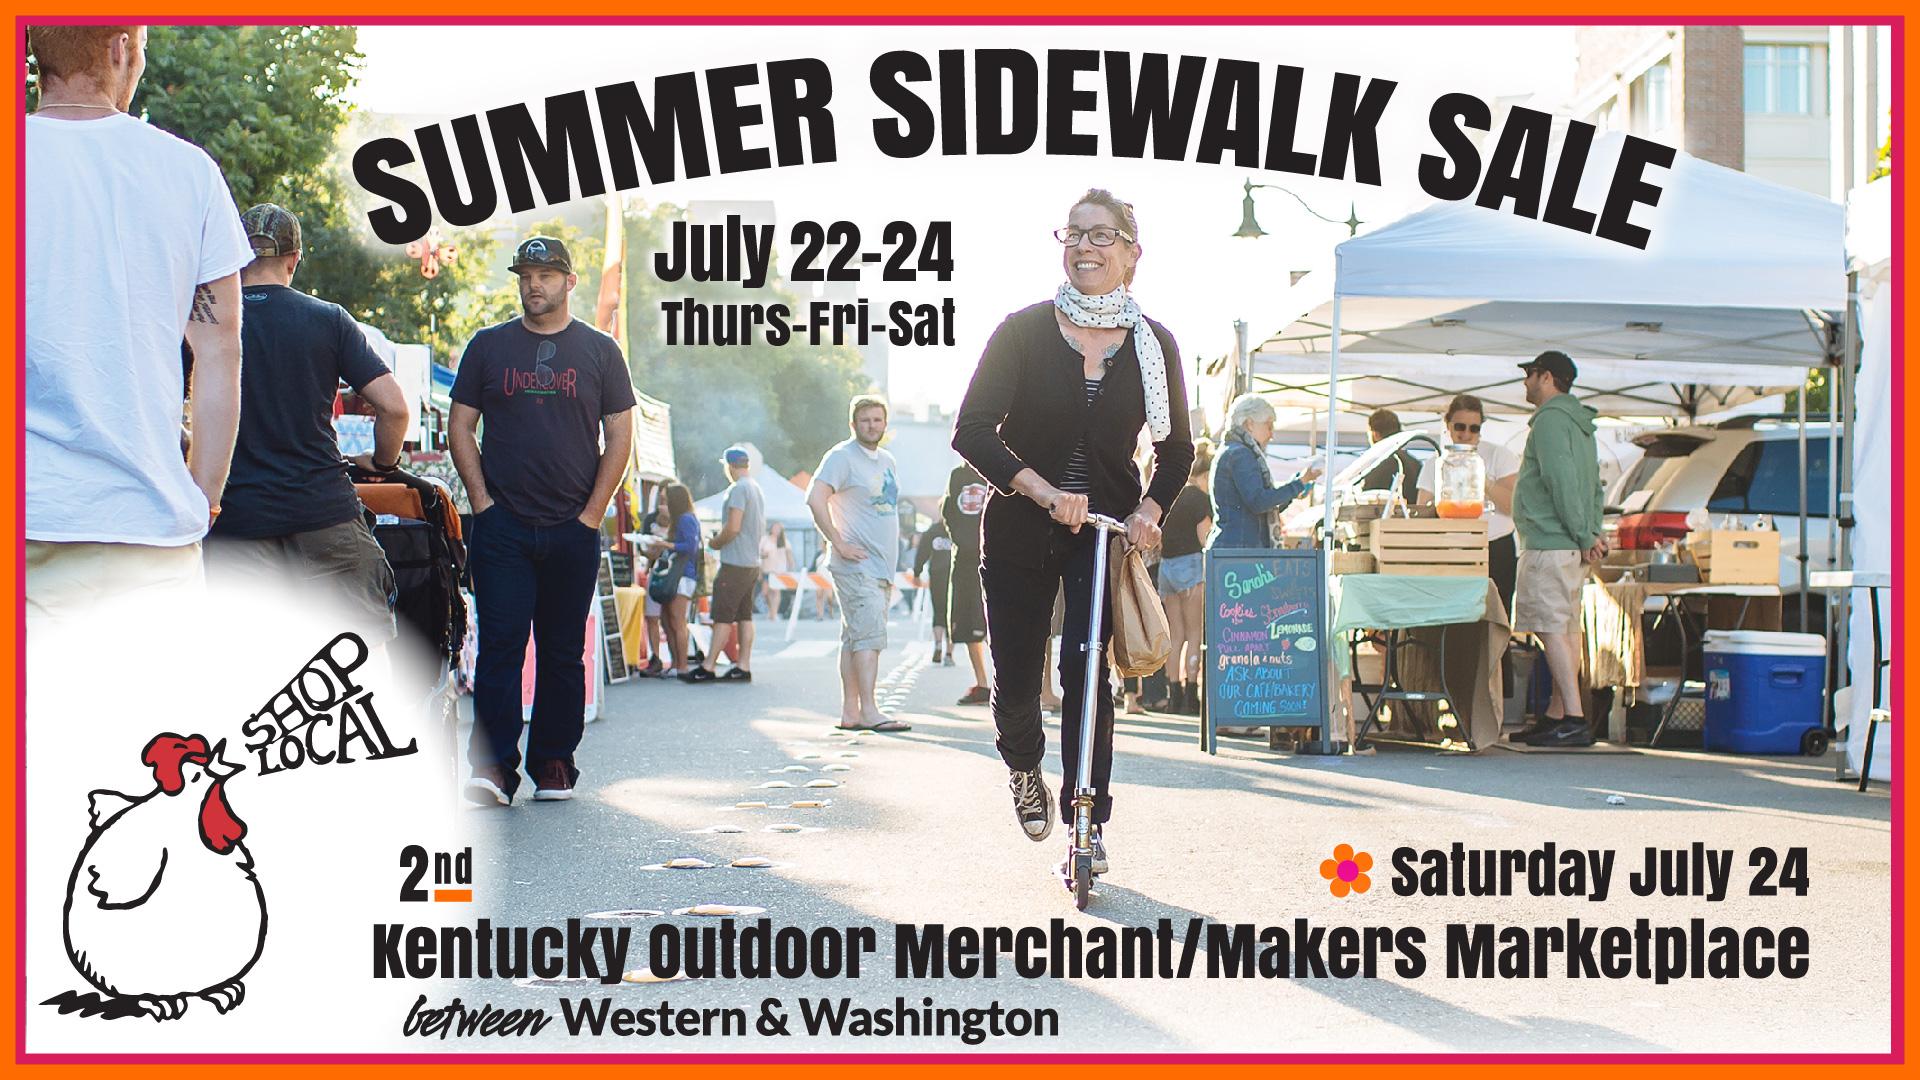 Summer Sidewalk Sale & Kentucky St Marketplace July 22-24